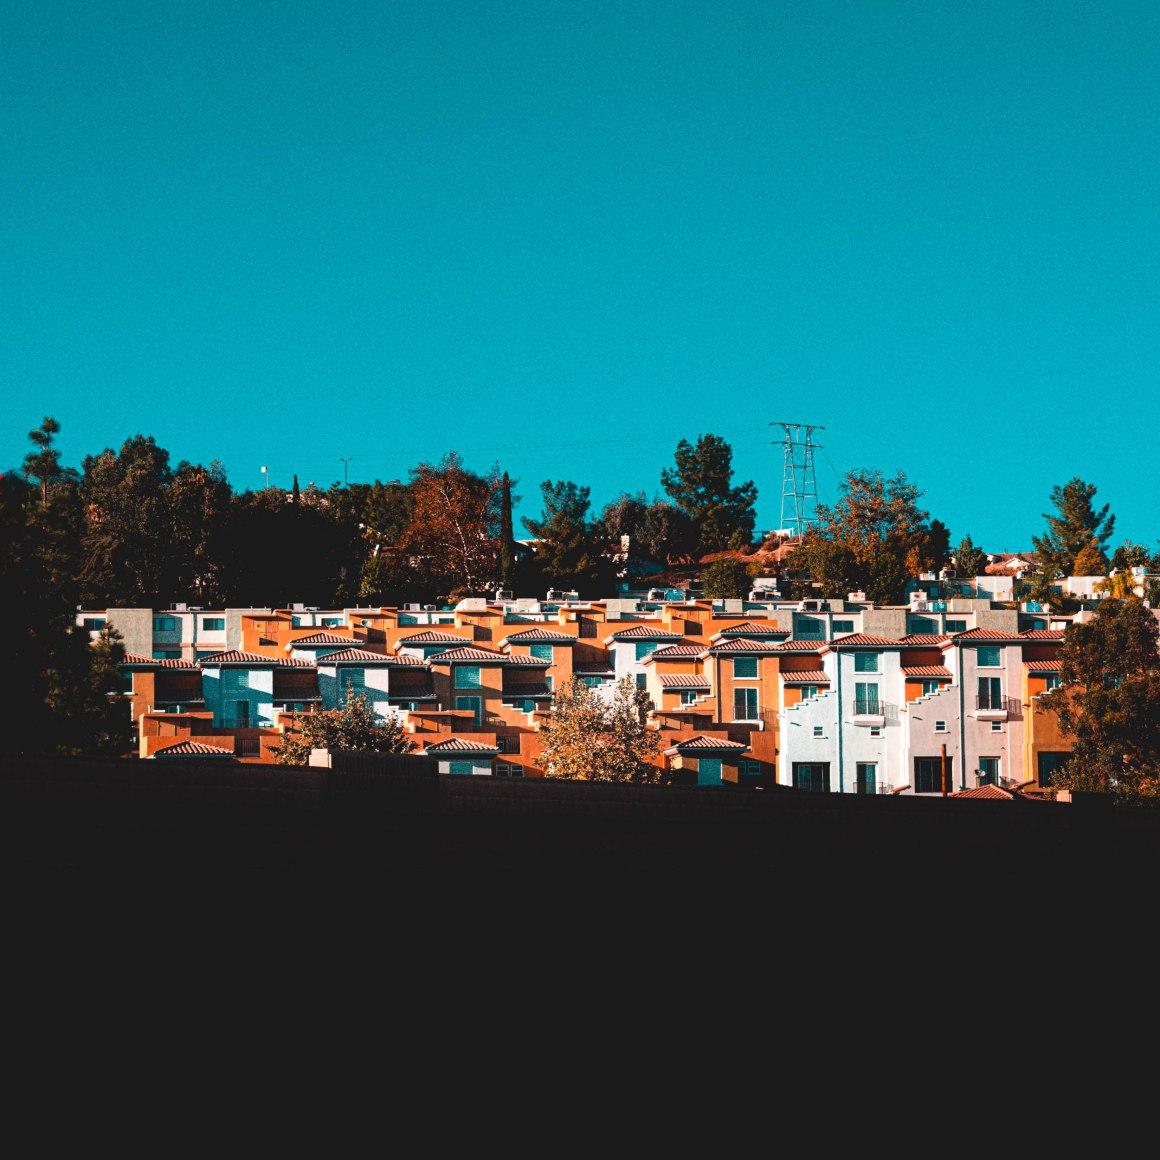 naina.co, naina redhu, nainaxadobe, adobemax2019, adobemax19, adobe max creativity conference los angeles, eyesforla, adobe max, adobe max creativity conference, los angeles, metrolink, america from the air, america, USA, adobe conference, hotel view